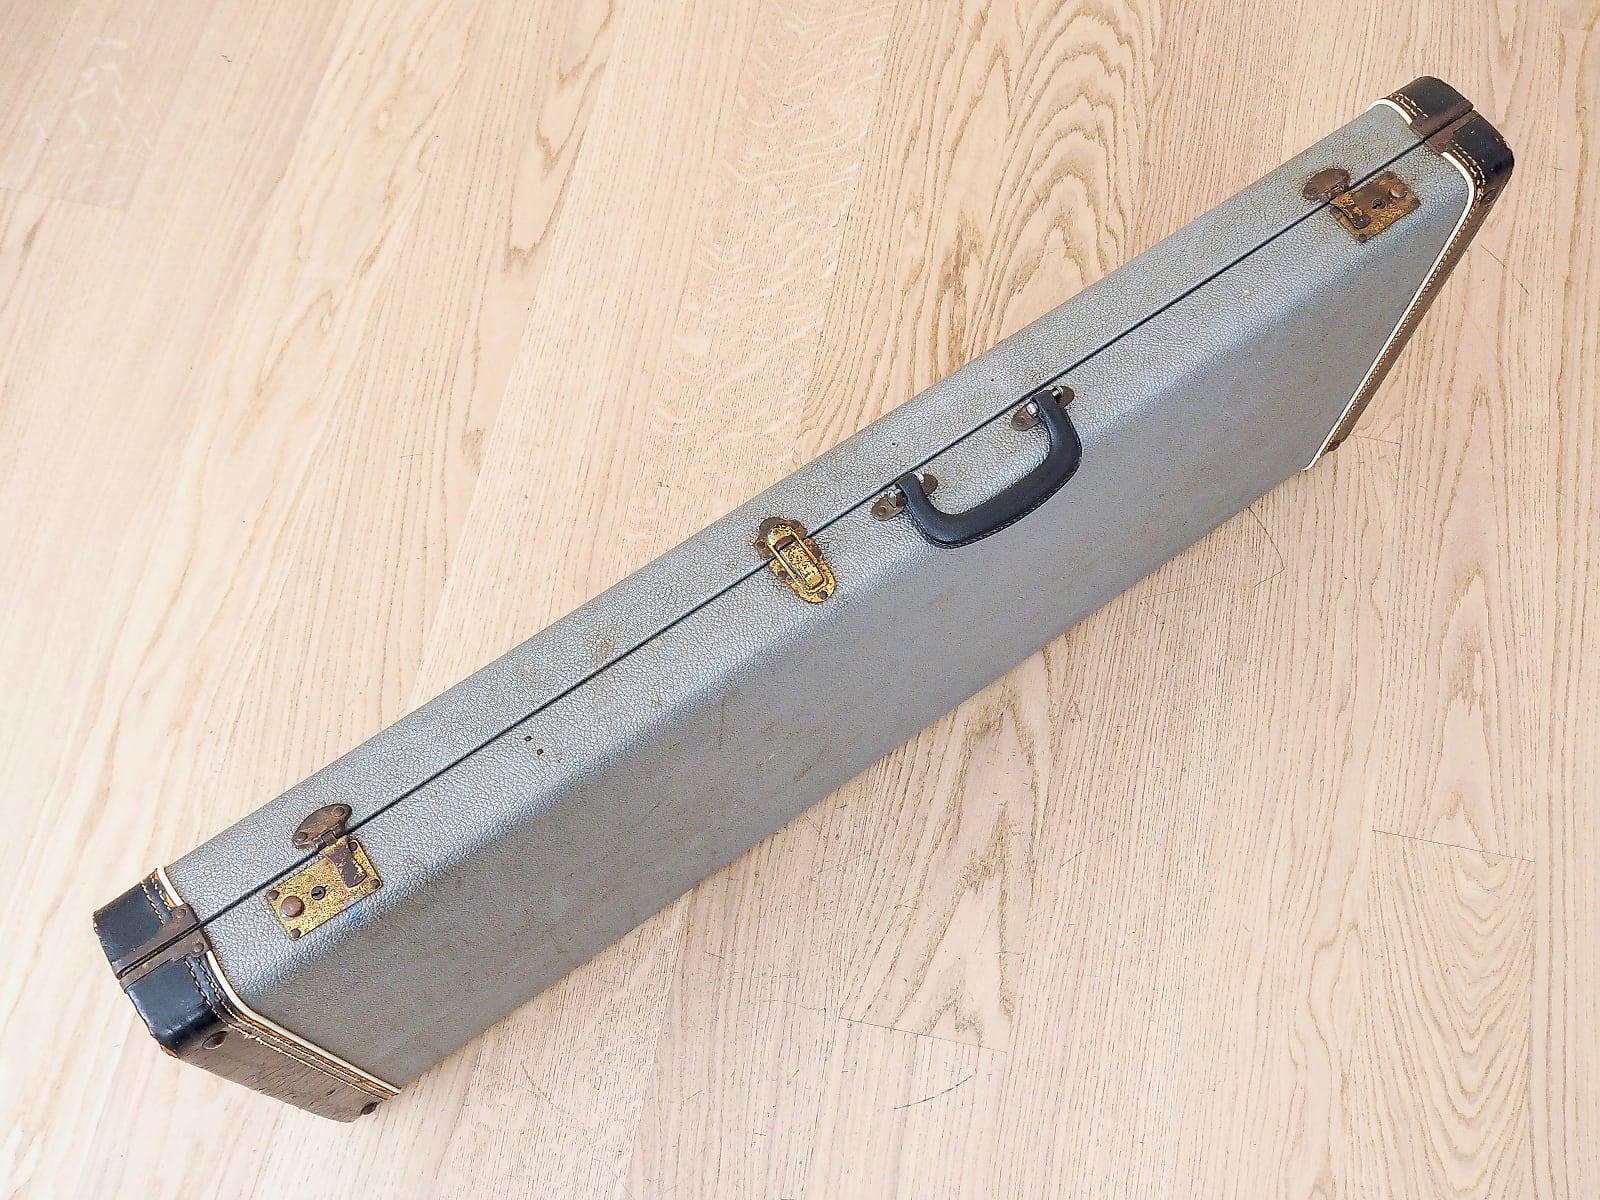 1961 Rickenbacker 335 Capri Vintage Electric Guitar Fireglo, Accent Vibrato, ohc